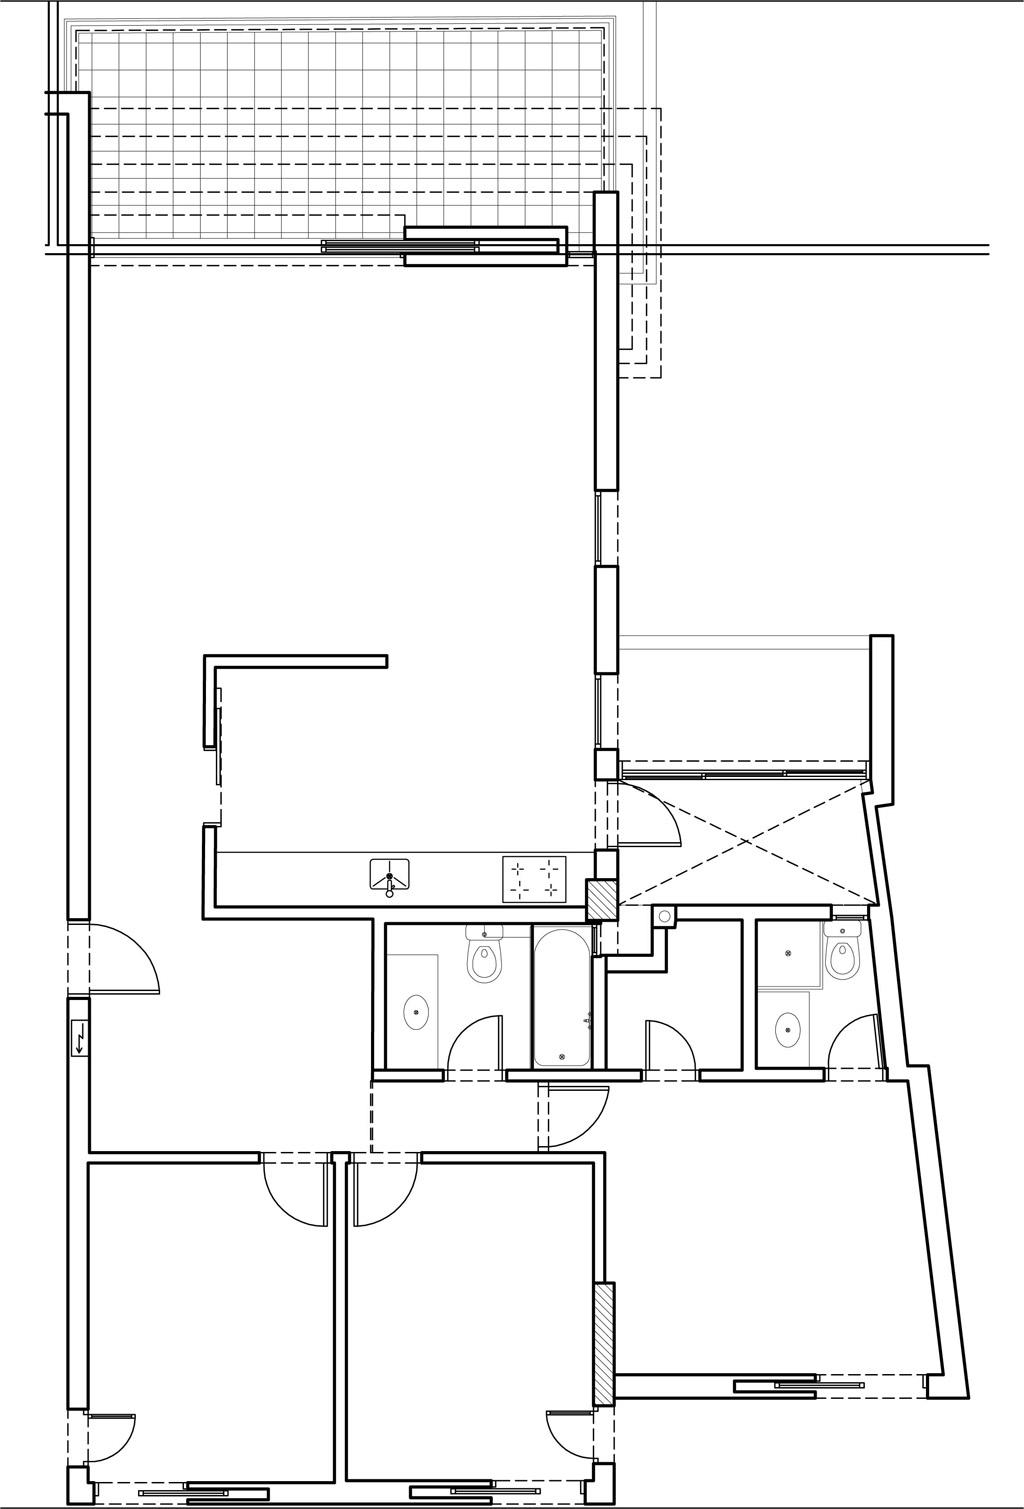 דירה בגבעתיים-תכנית לפני